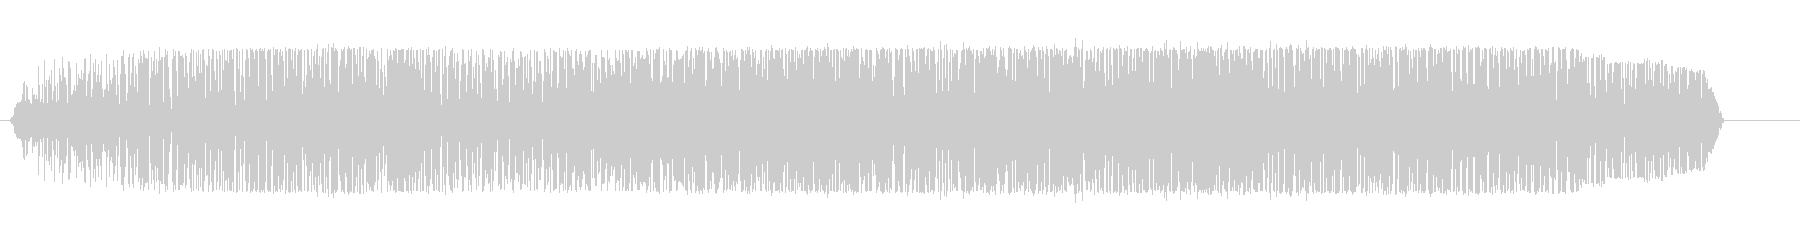 ドラッグスター;アイドル、2台のア...の未再生の波形